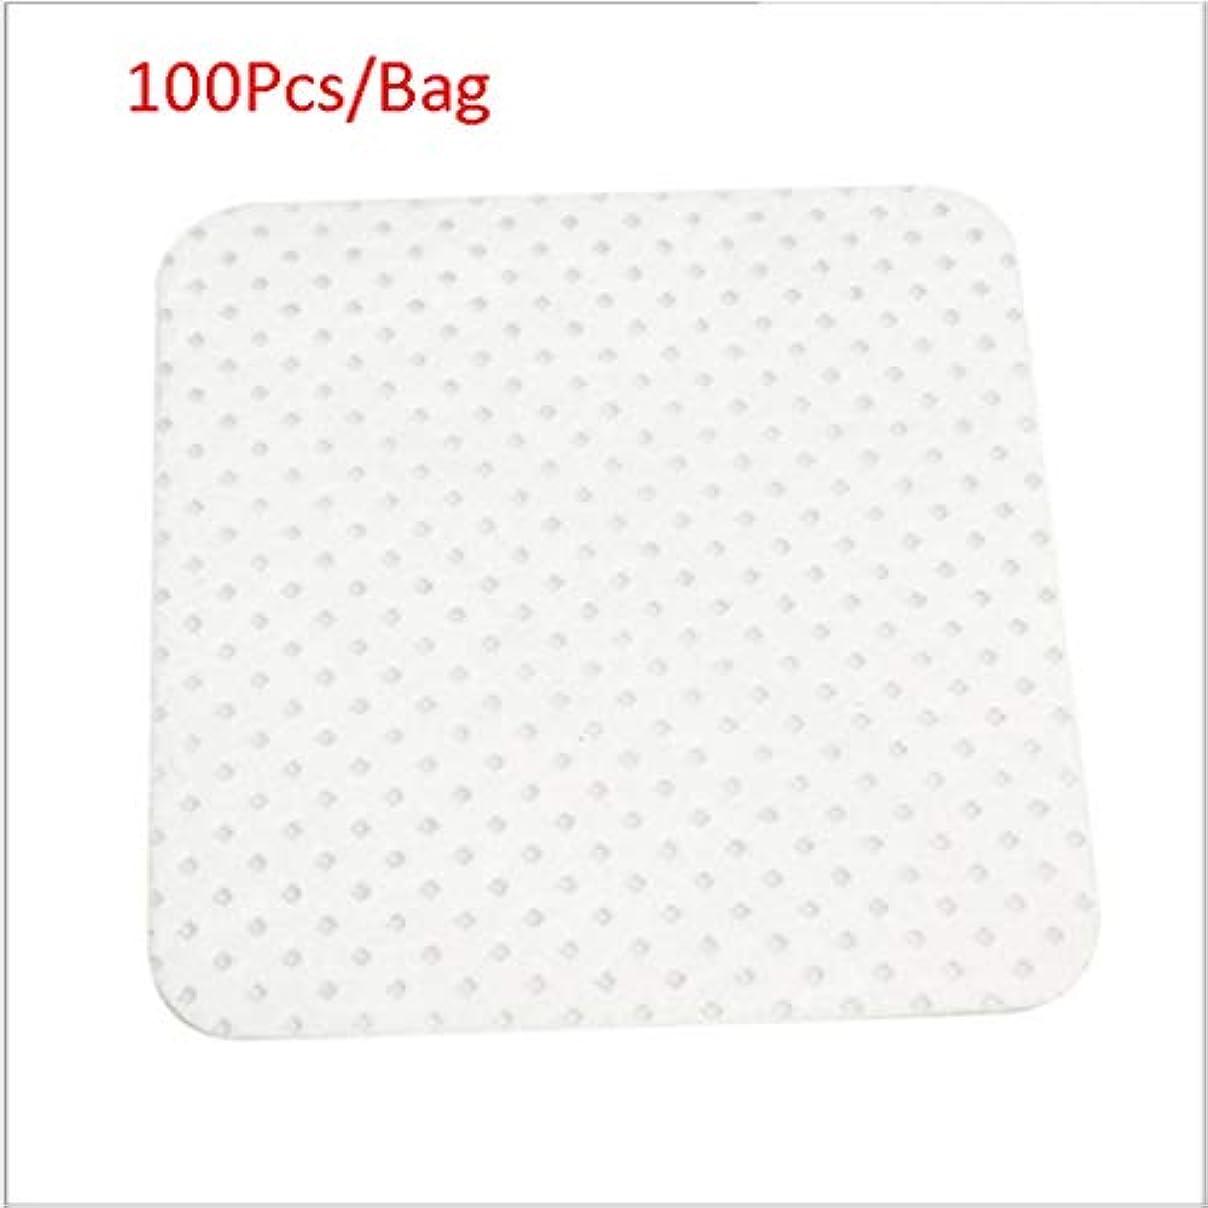 ホテル縫うコミュニティクレンジングシート 100ピース/バッグ使い捨てまつげエクステンションのり取りコットンパッドボトル口拭きパッチメイク化粧品クリーニングツール (Color : White, サイズ : 5*5cm)